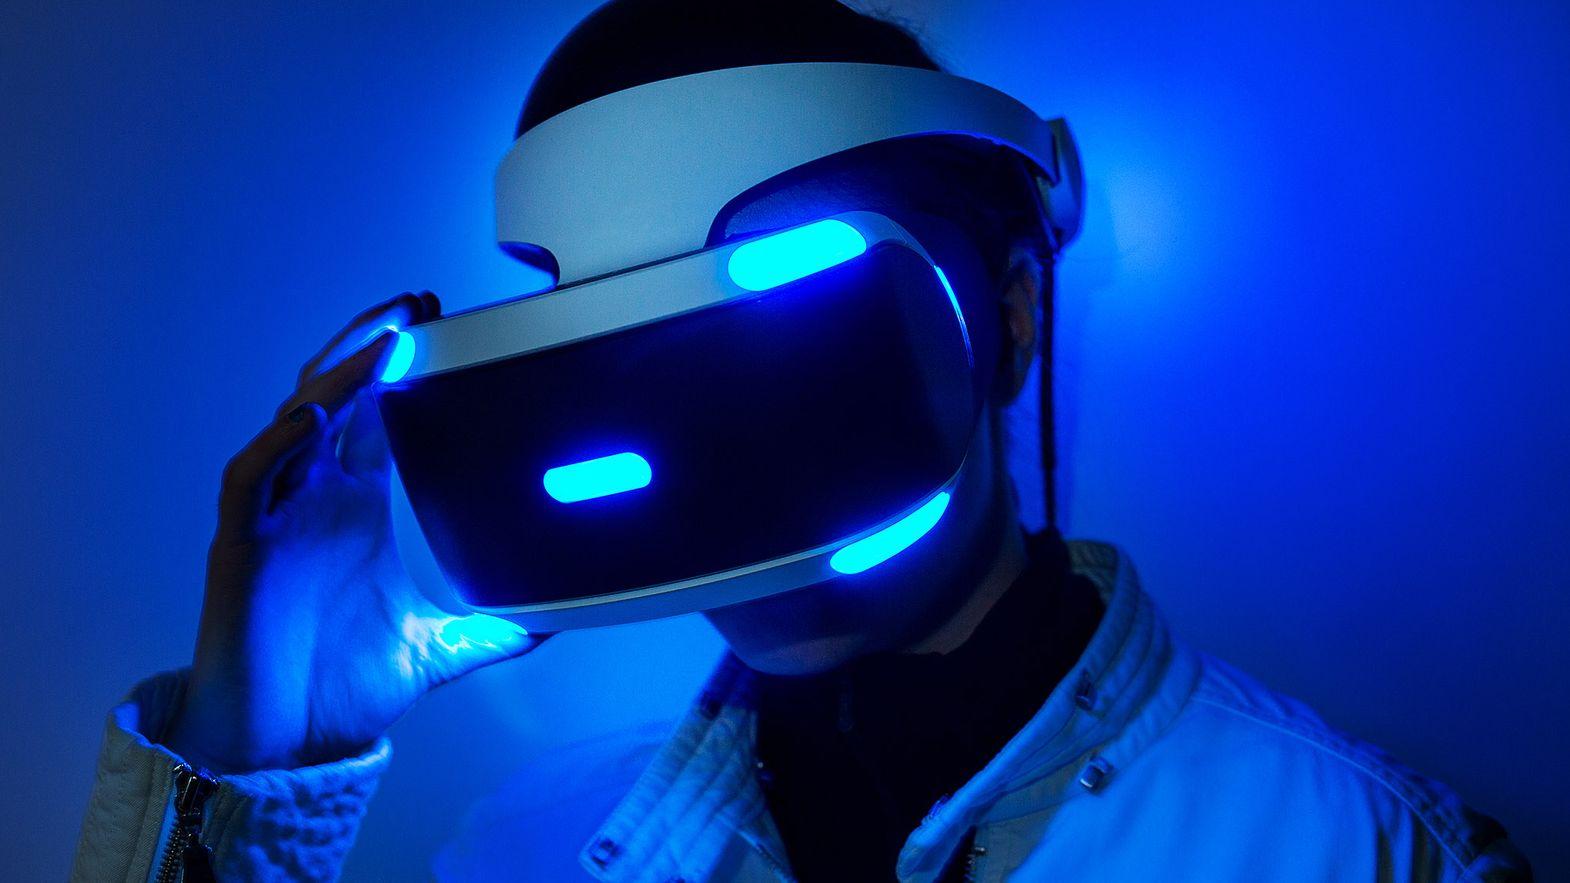 کنسول پلیاستیشن VR؛ فناوری آینده صنعت بازی